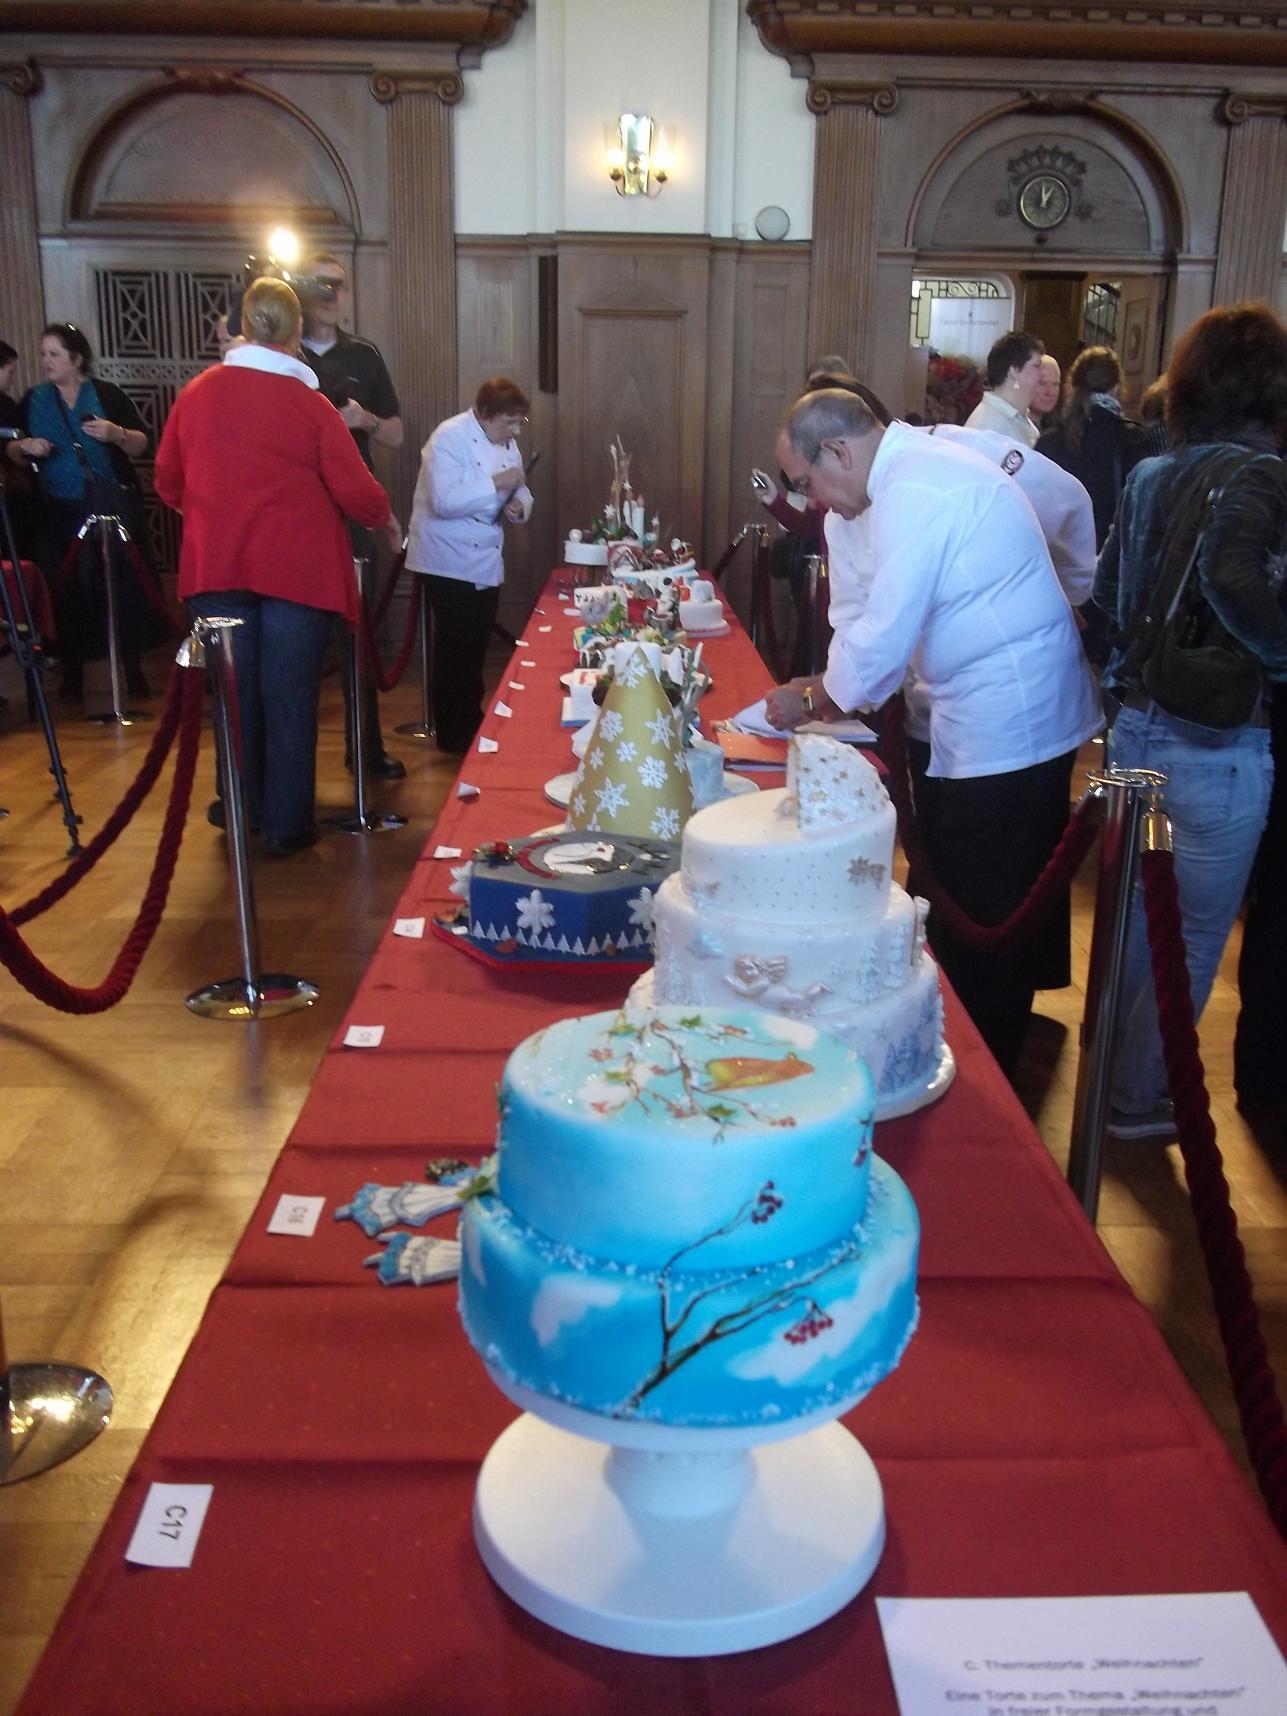 технологии производства торты для соревнований и выставок фото мультиварке